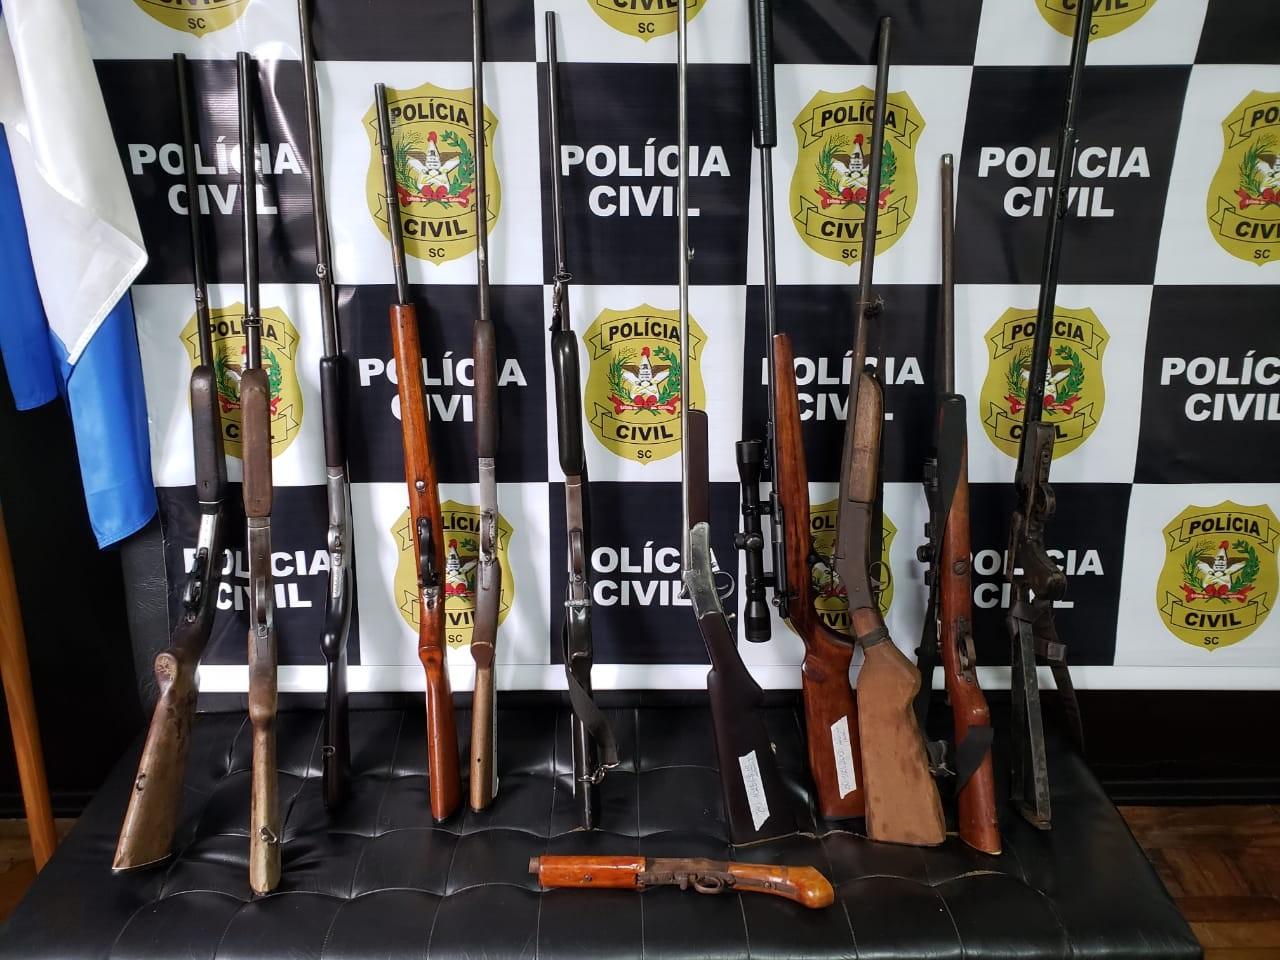 Polícia de SC prende 5 em operação contra comércio ilegal de armas na região de fronteira com a Argentina - Notícias - Plantão Diário